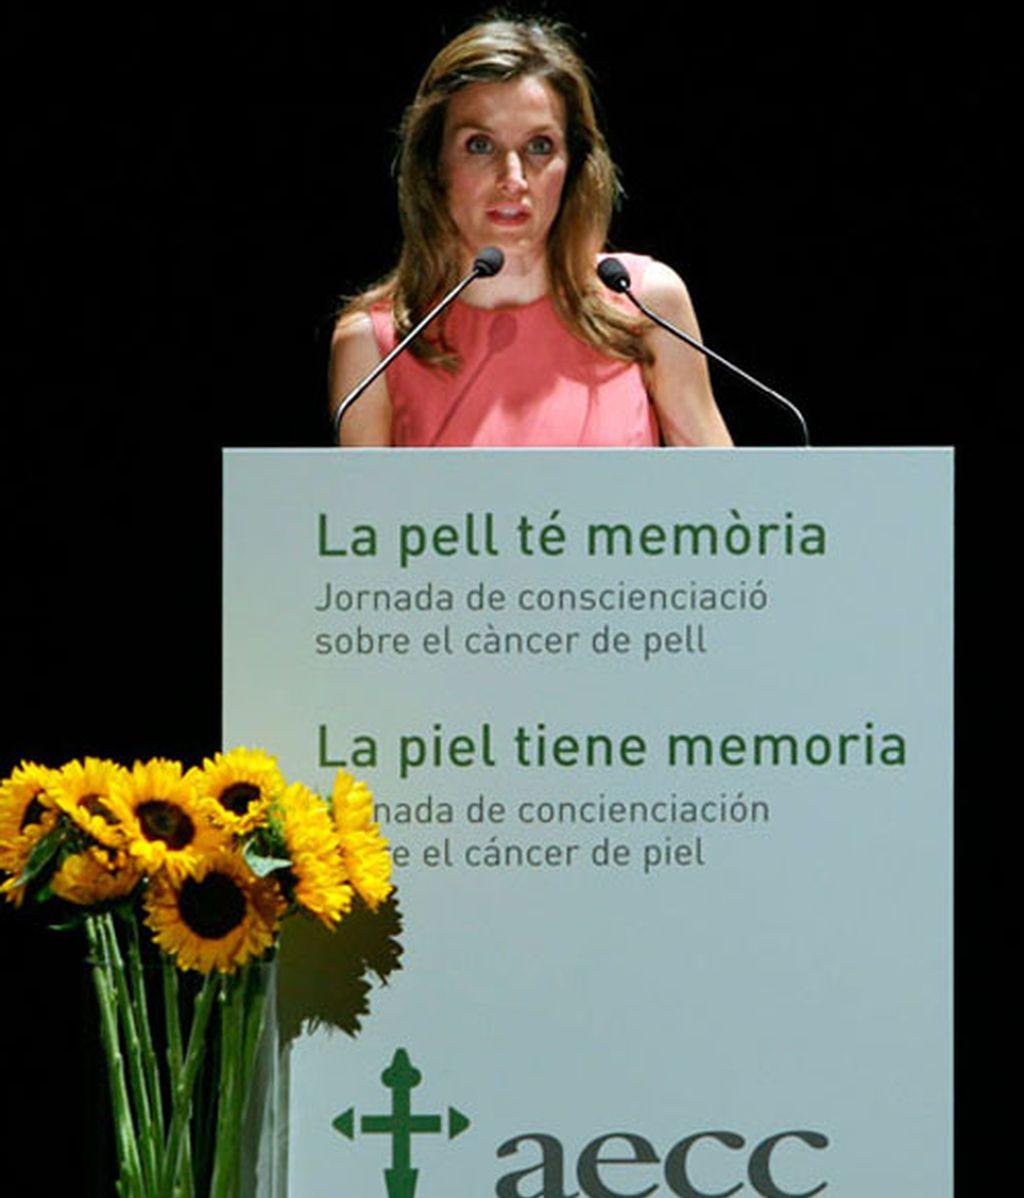 """La princesa de Asturias y Girona Doña Letizia durante la inauguración de la jornada """"La piel tiene memoria"""", organizada por la Asociación Española contra el Cáncer"""